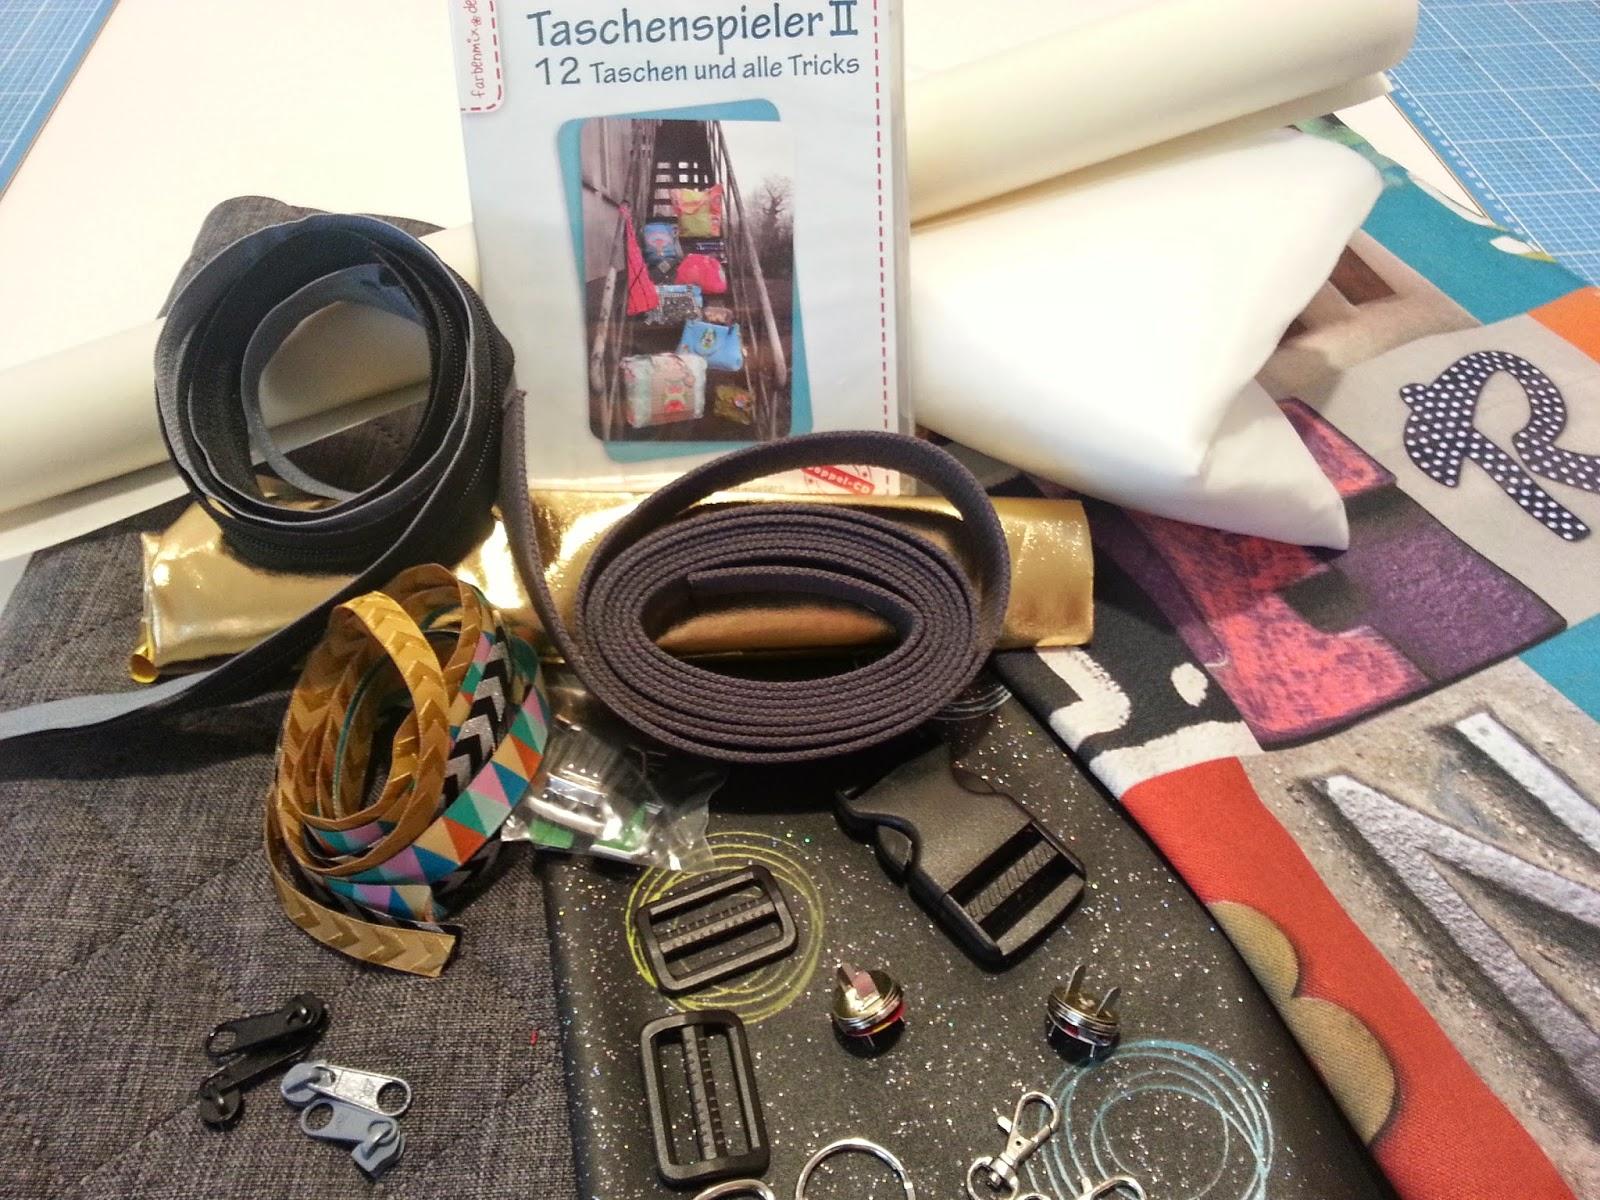 Taschenspieler Sofortstart Nähset farbenmix emmeline